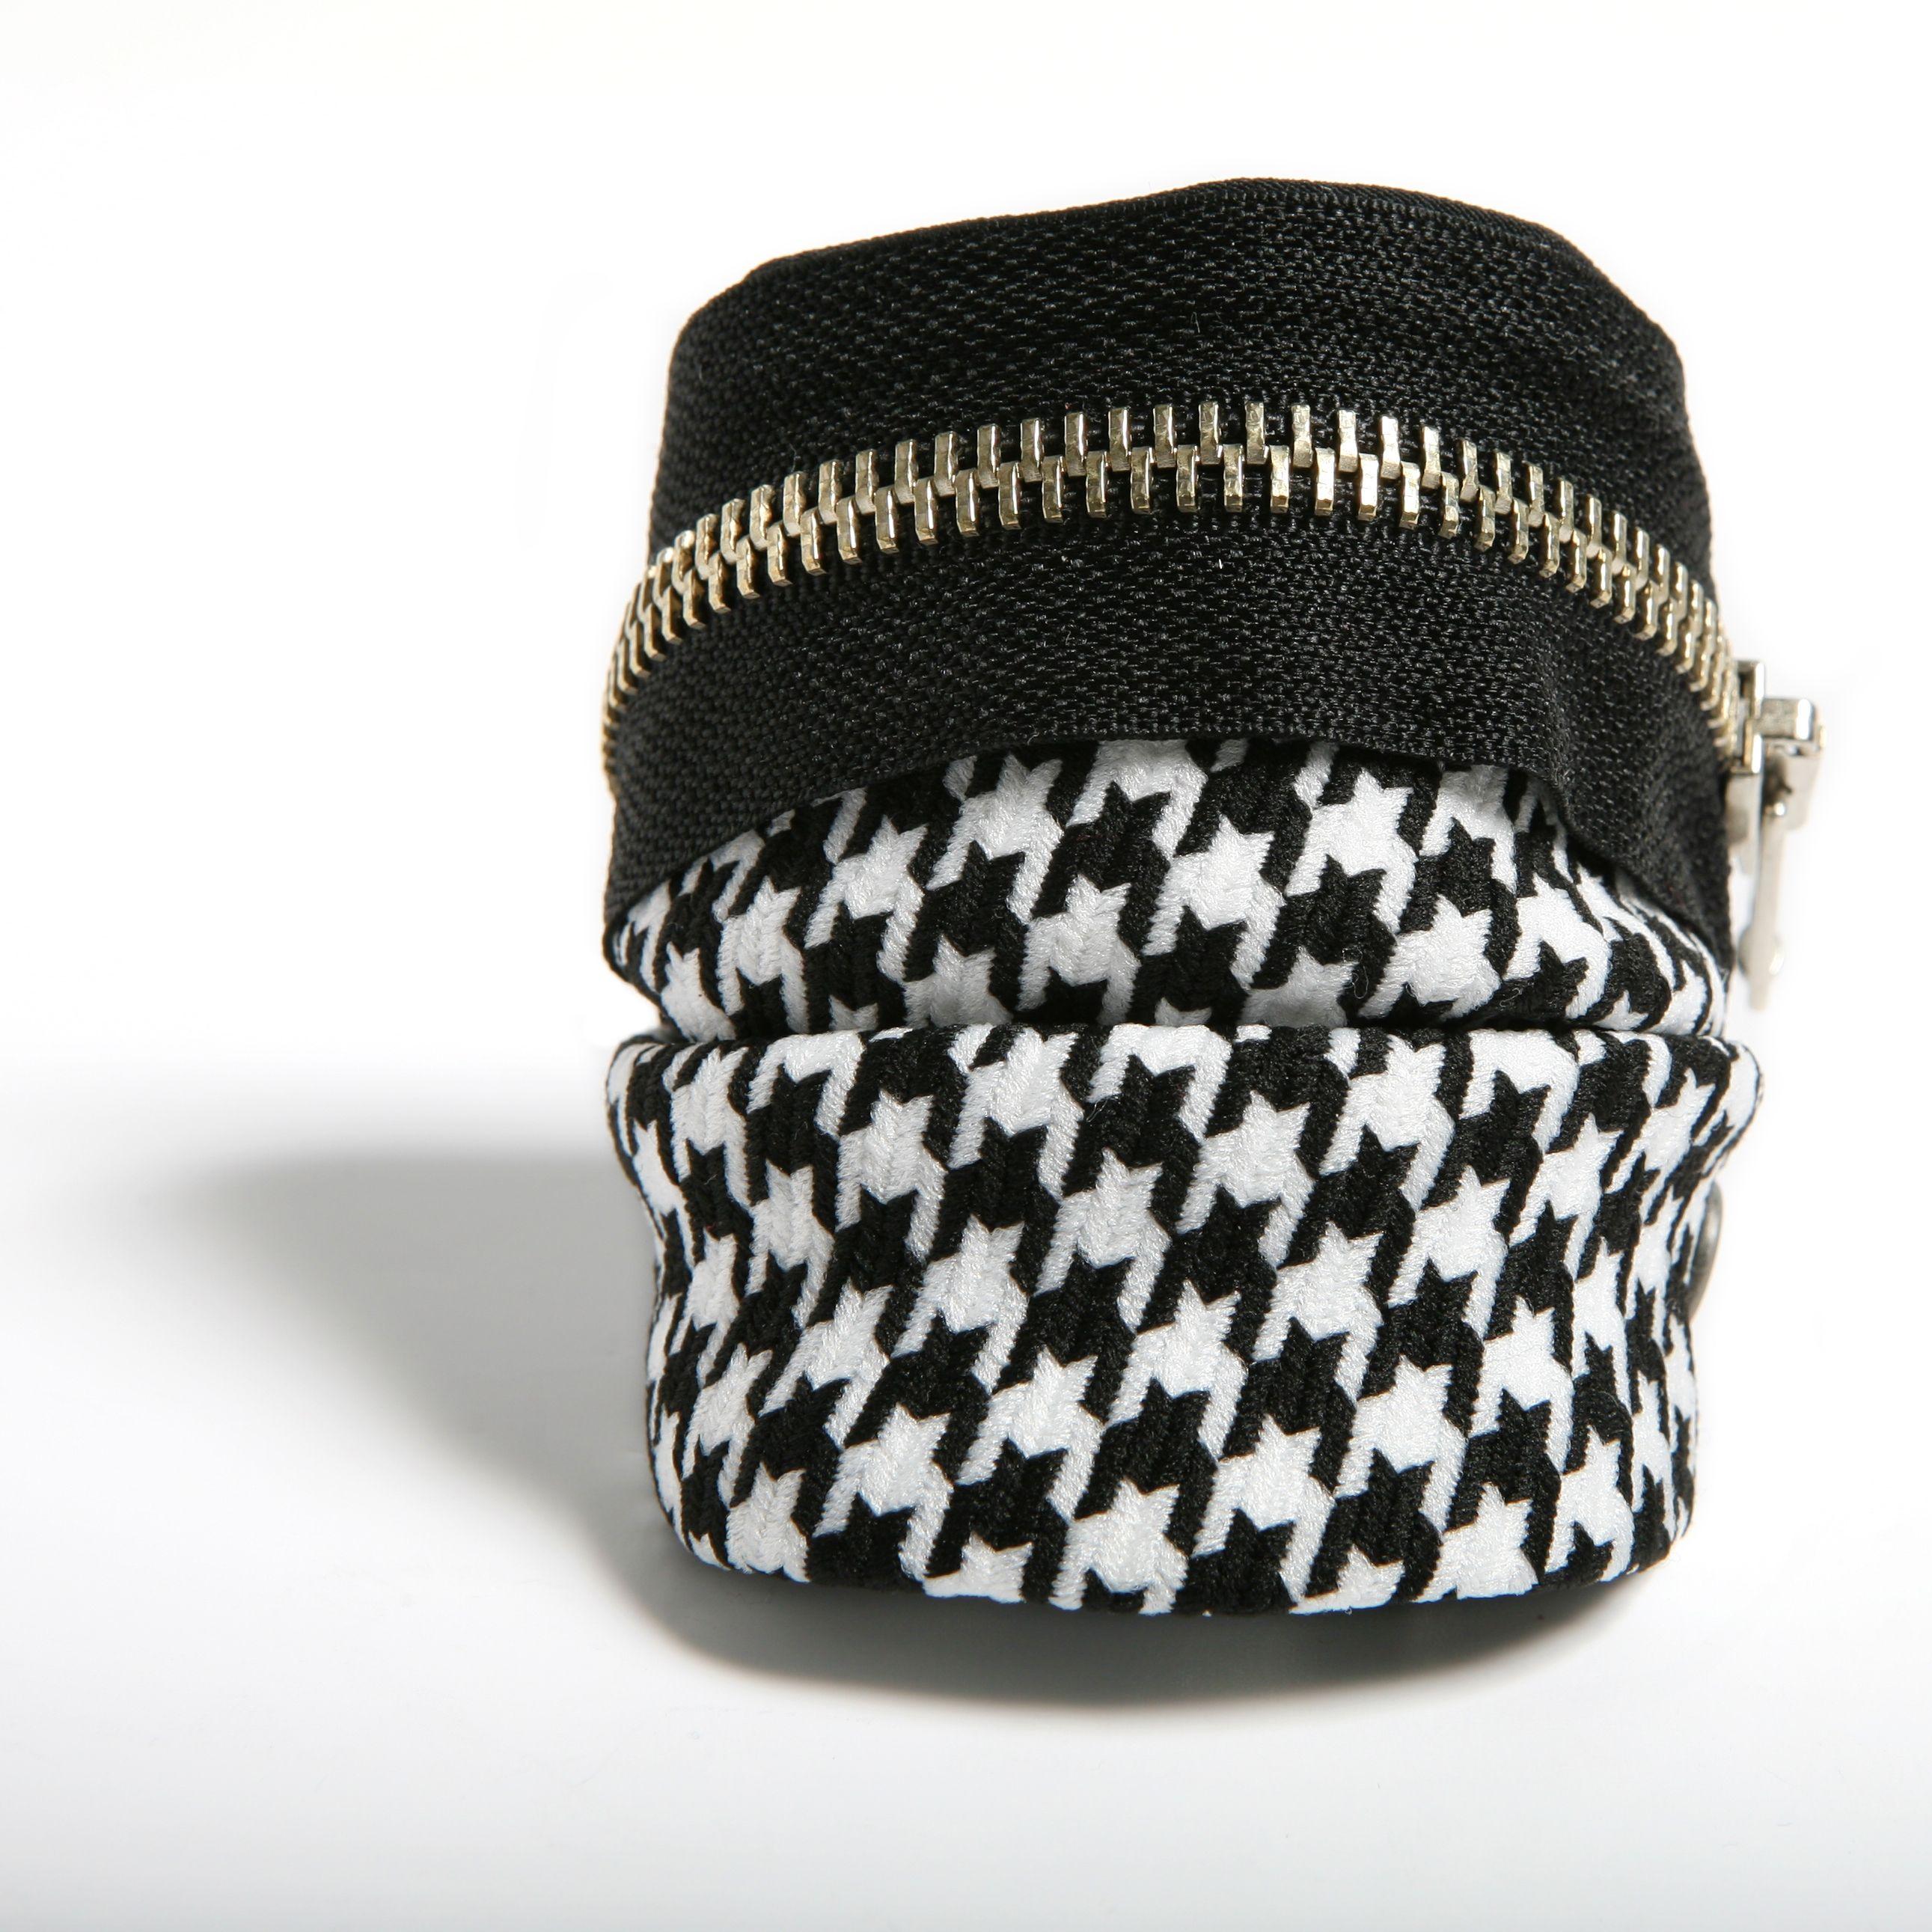 ESPACIO - Pulsera confeccionada a mano en lana con estampado de pata de gallo blanco y negro con cremallera negra.